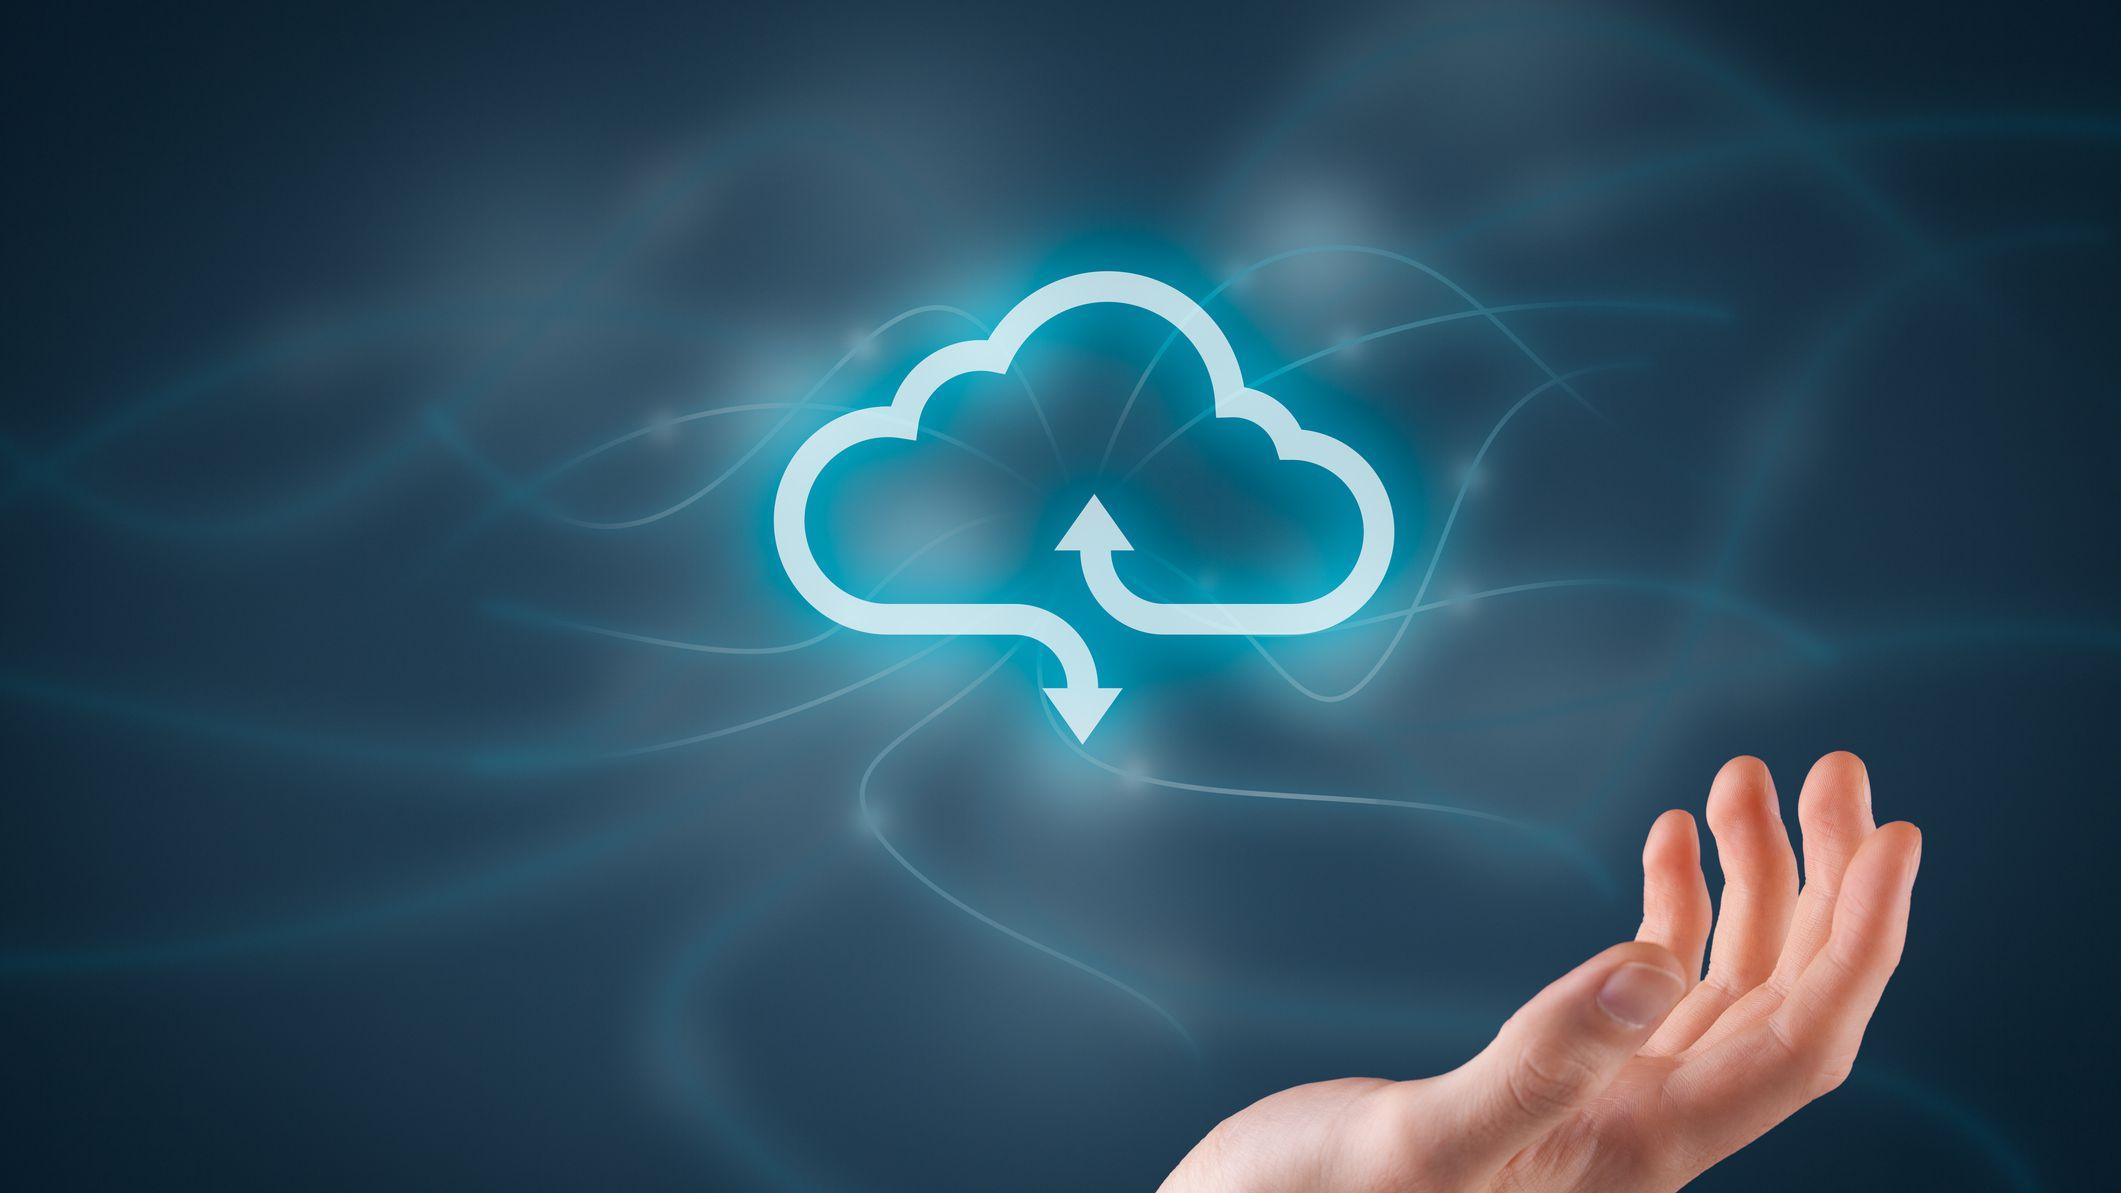 Qué es almacenamiento en la nube?